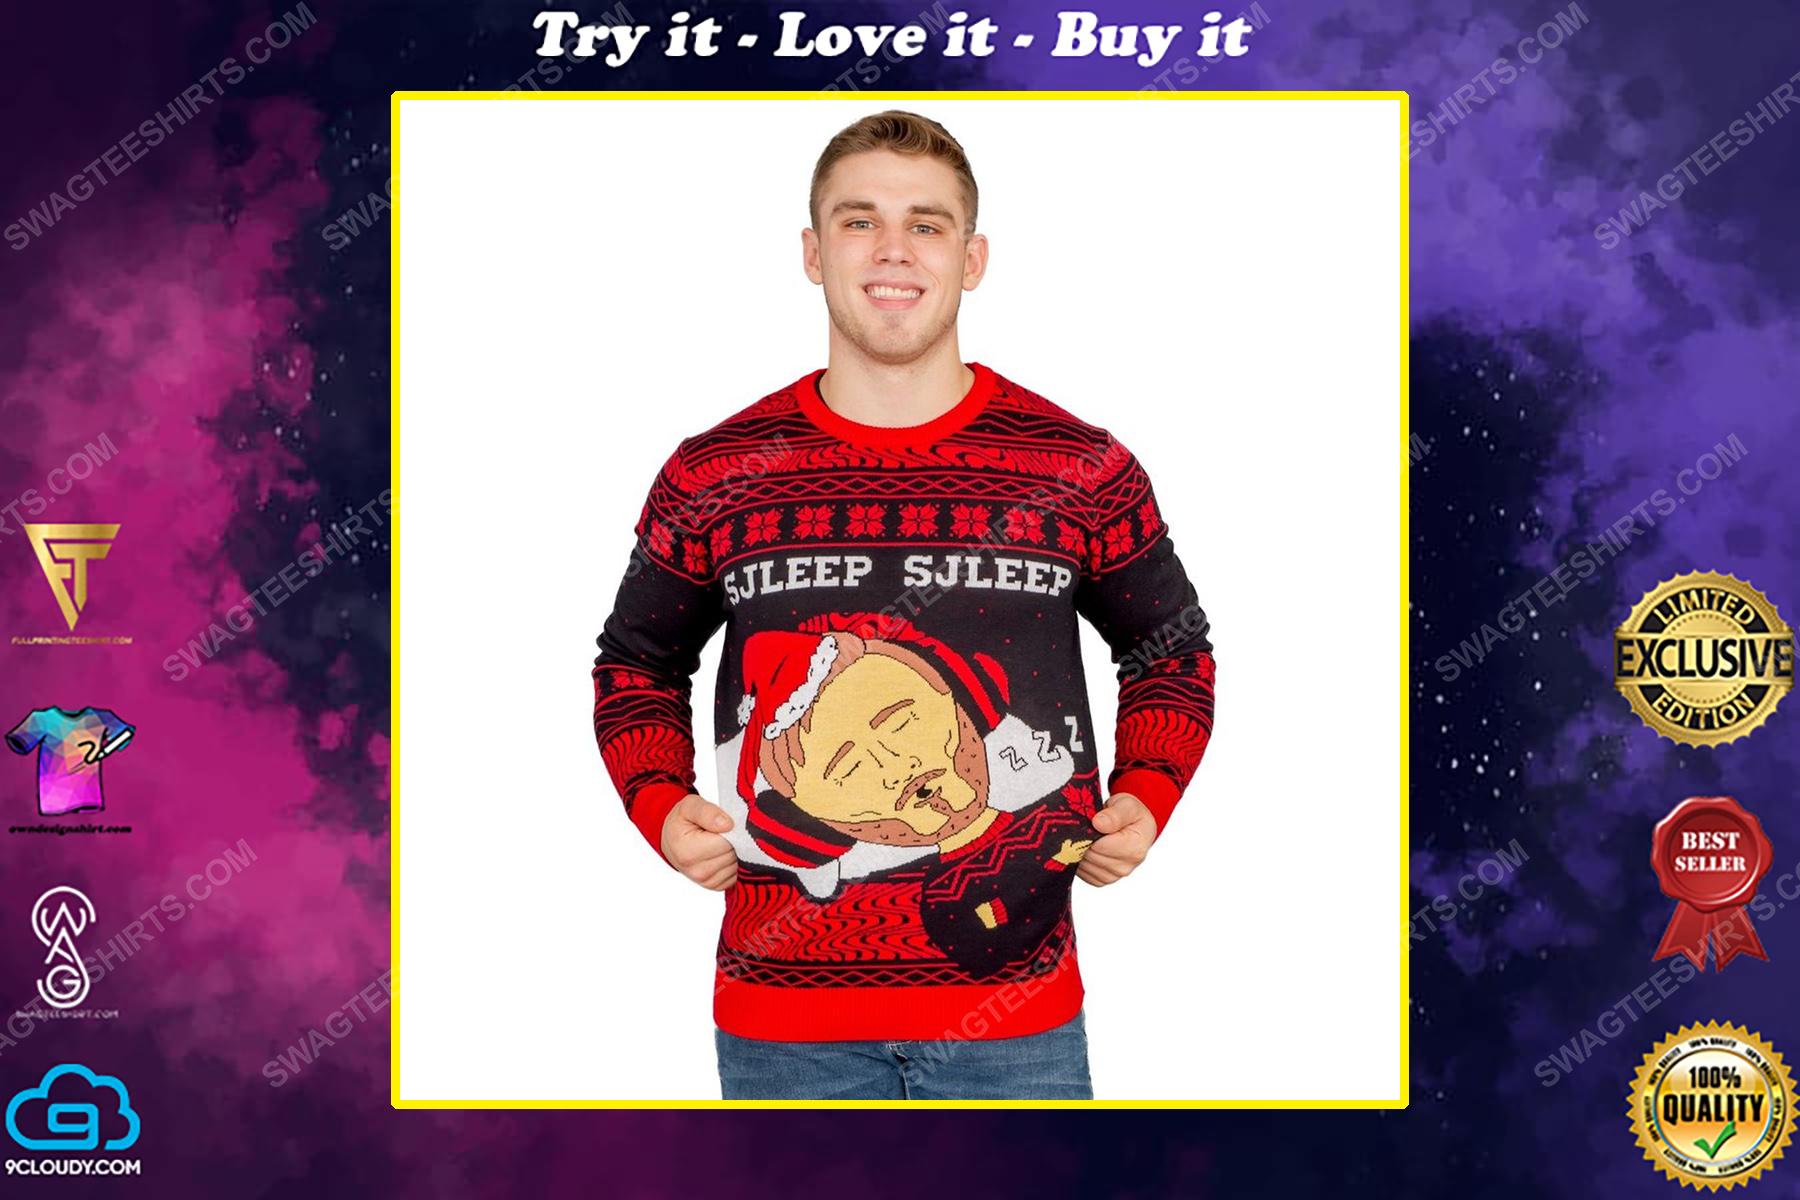 Pewdiepie sjleep sjleep full print ugly christmas sweater